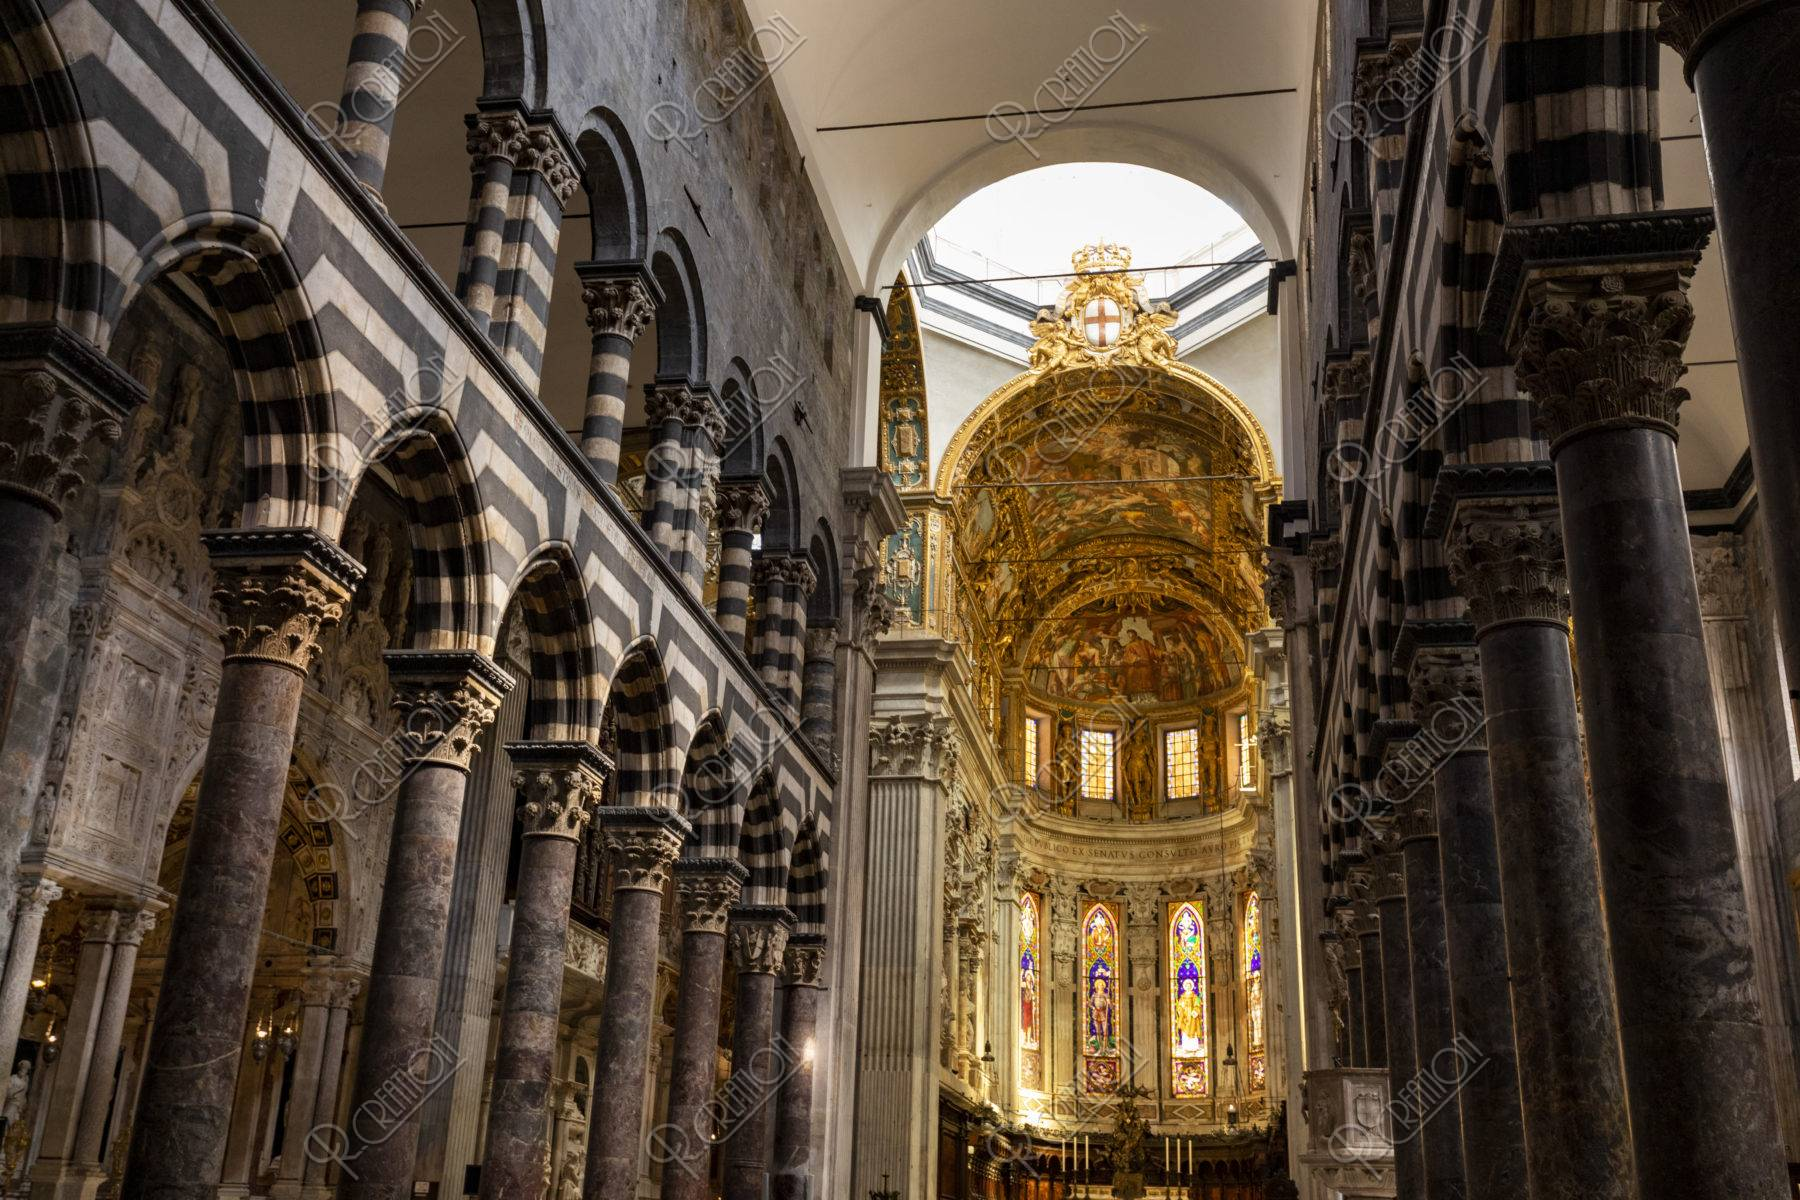 聖ロレンツォ大聖堂 内部